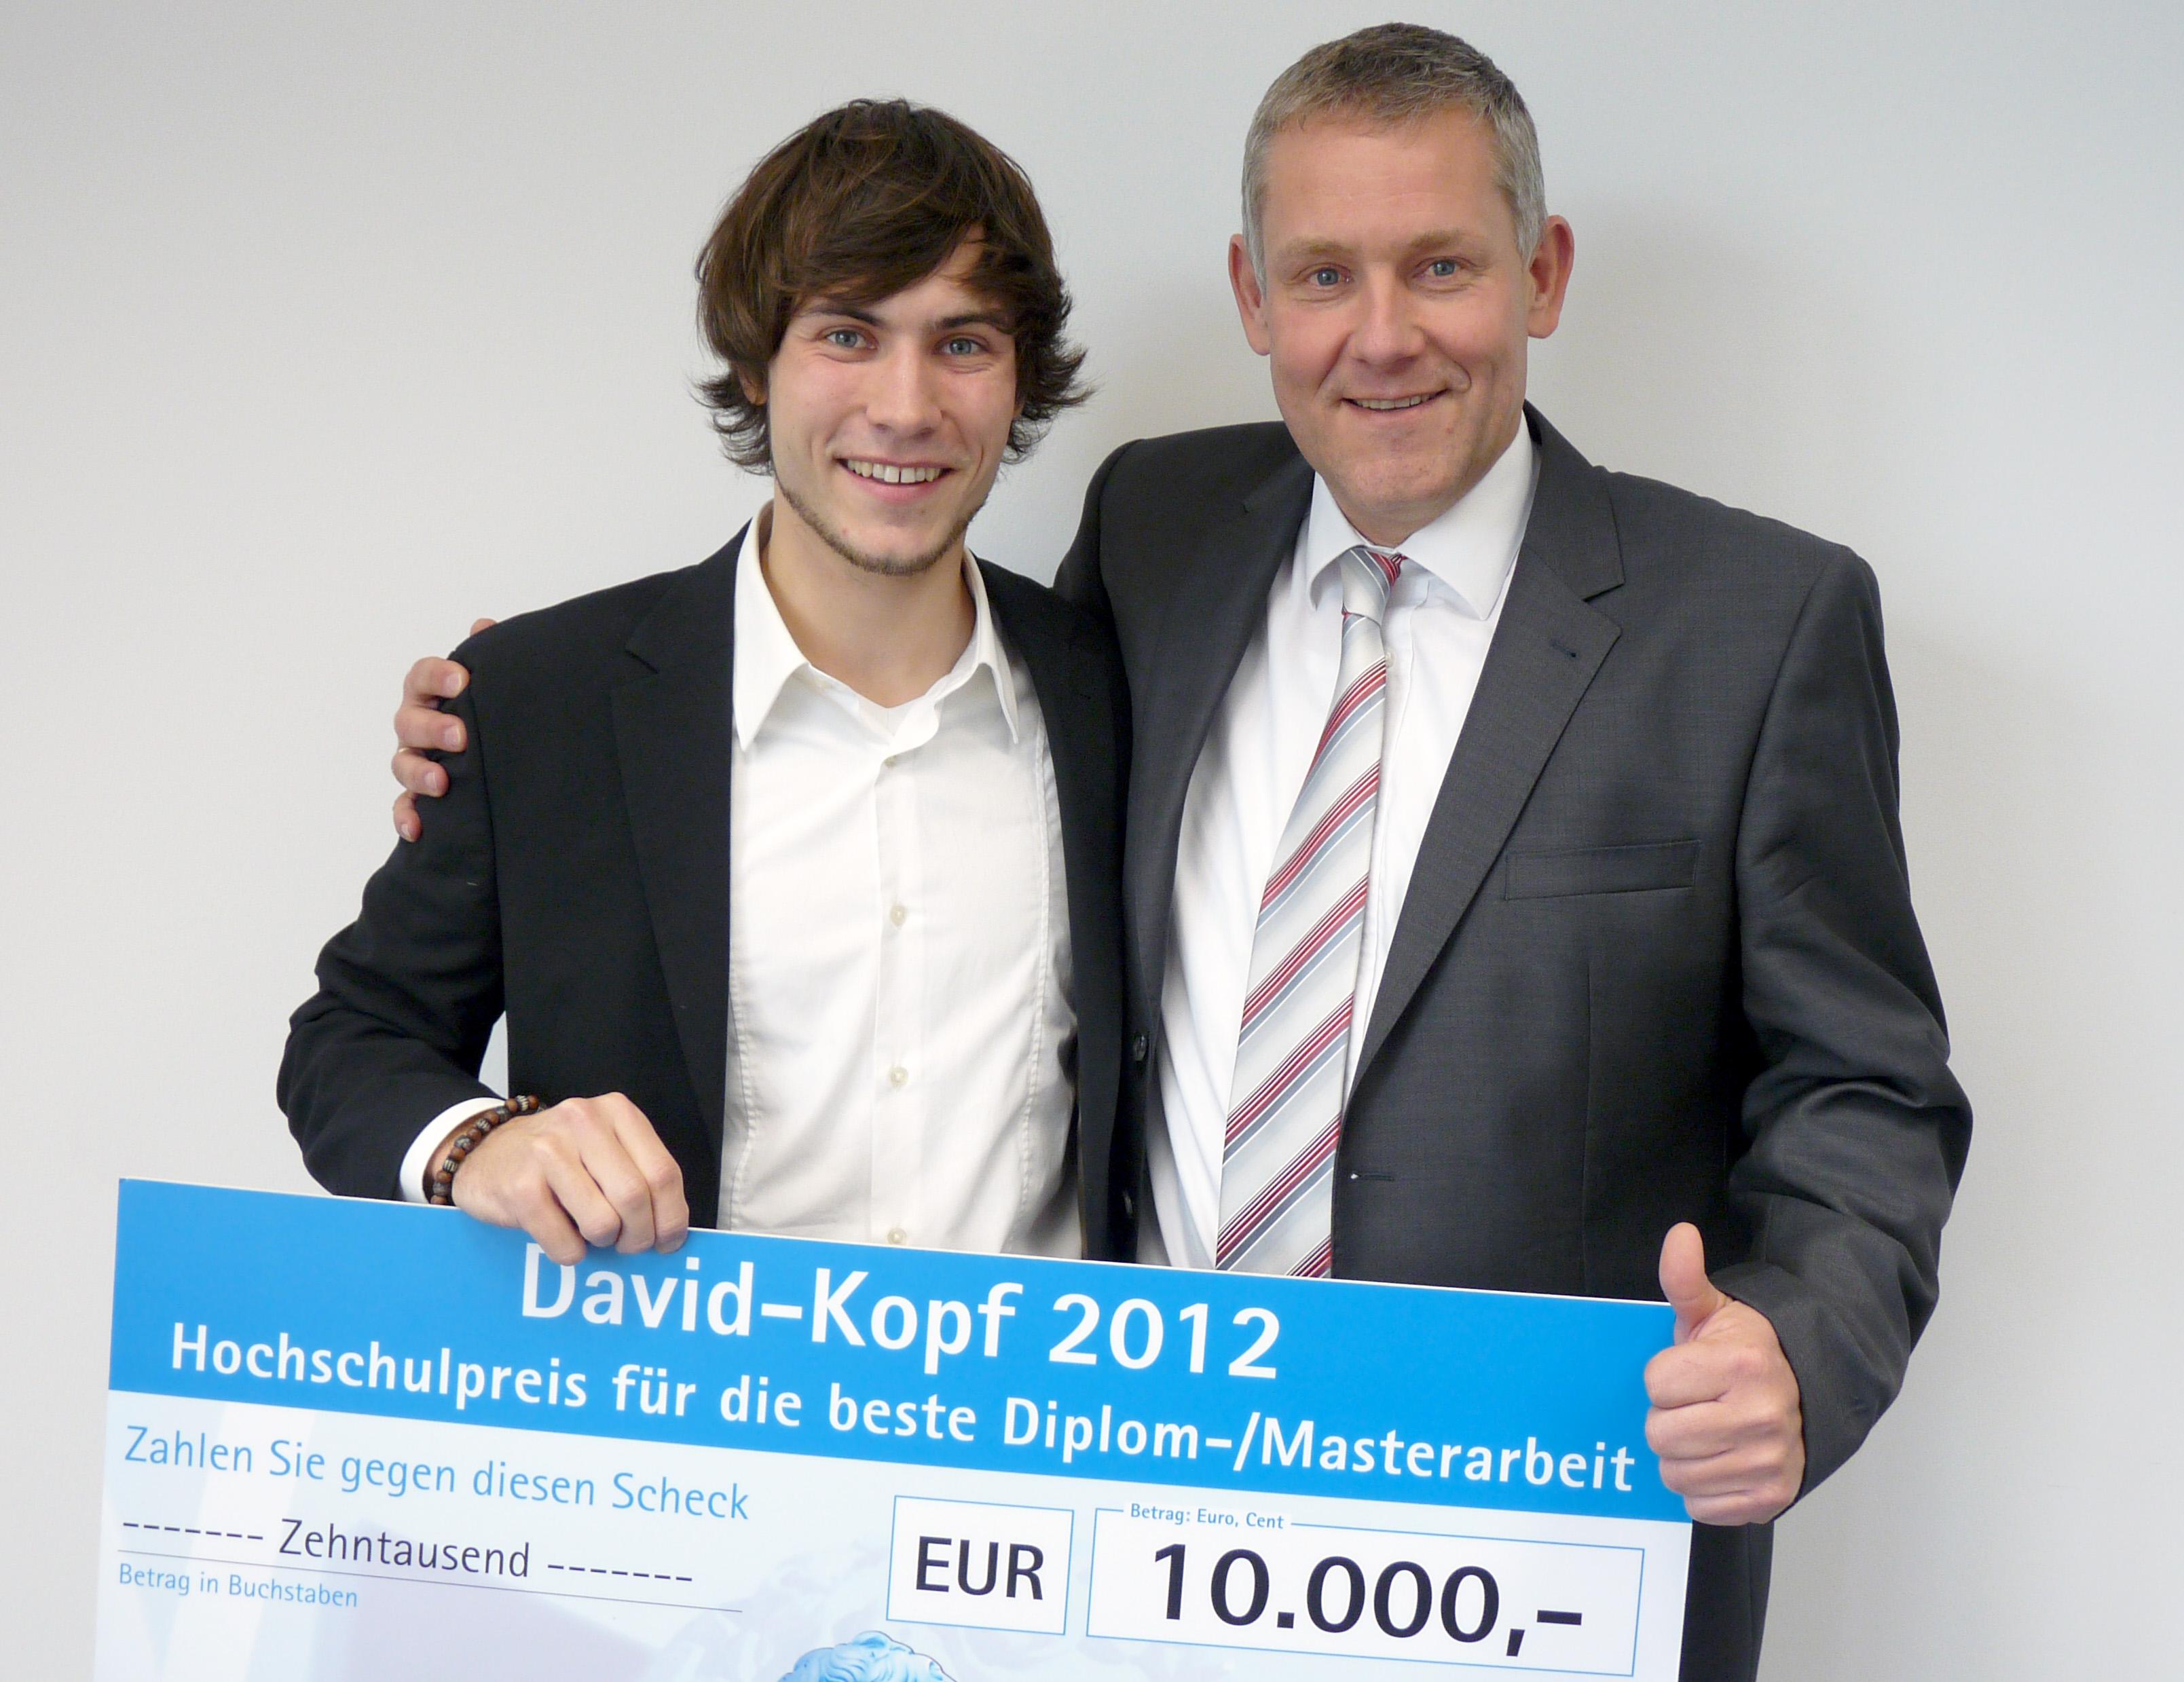 Die 10.000 Euro kann der Doktorand Mario Winkelhaus (l.) gut gebrauchen. Mit ihm freut sich Doktorvater Prof. Dr. Franz Vallée. (Foto: FH Münster/Pressestelle)